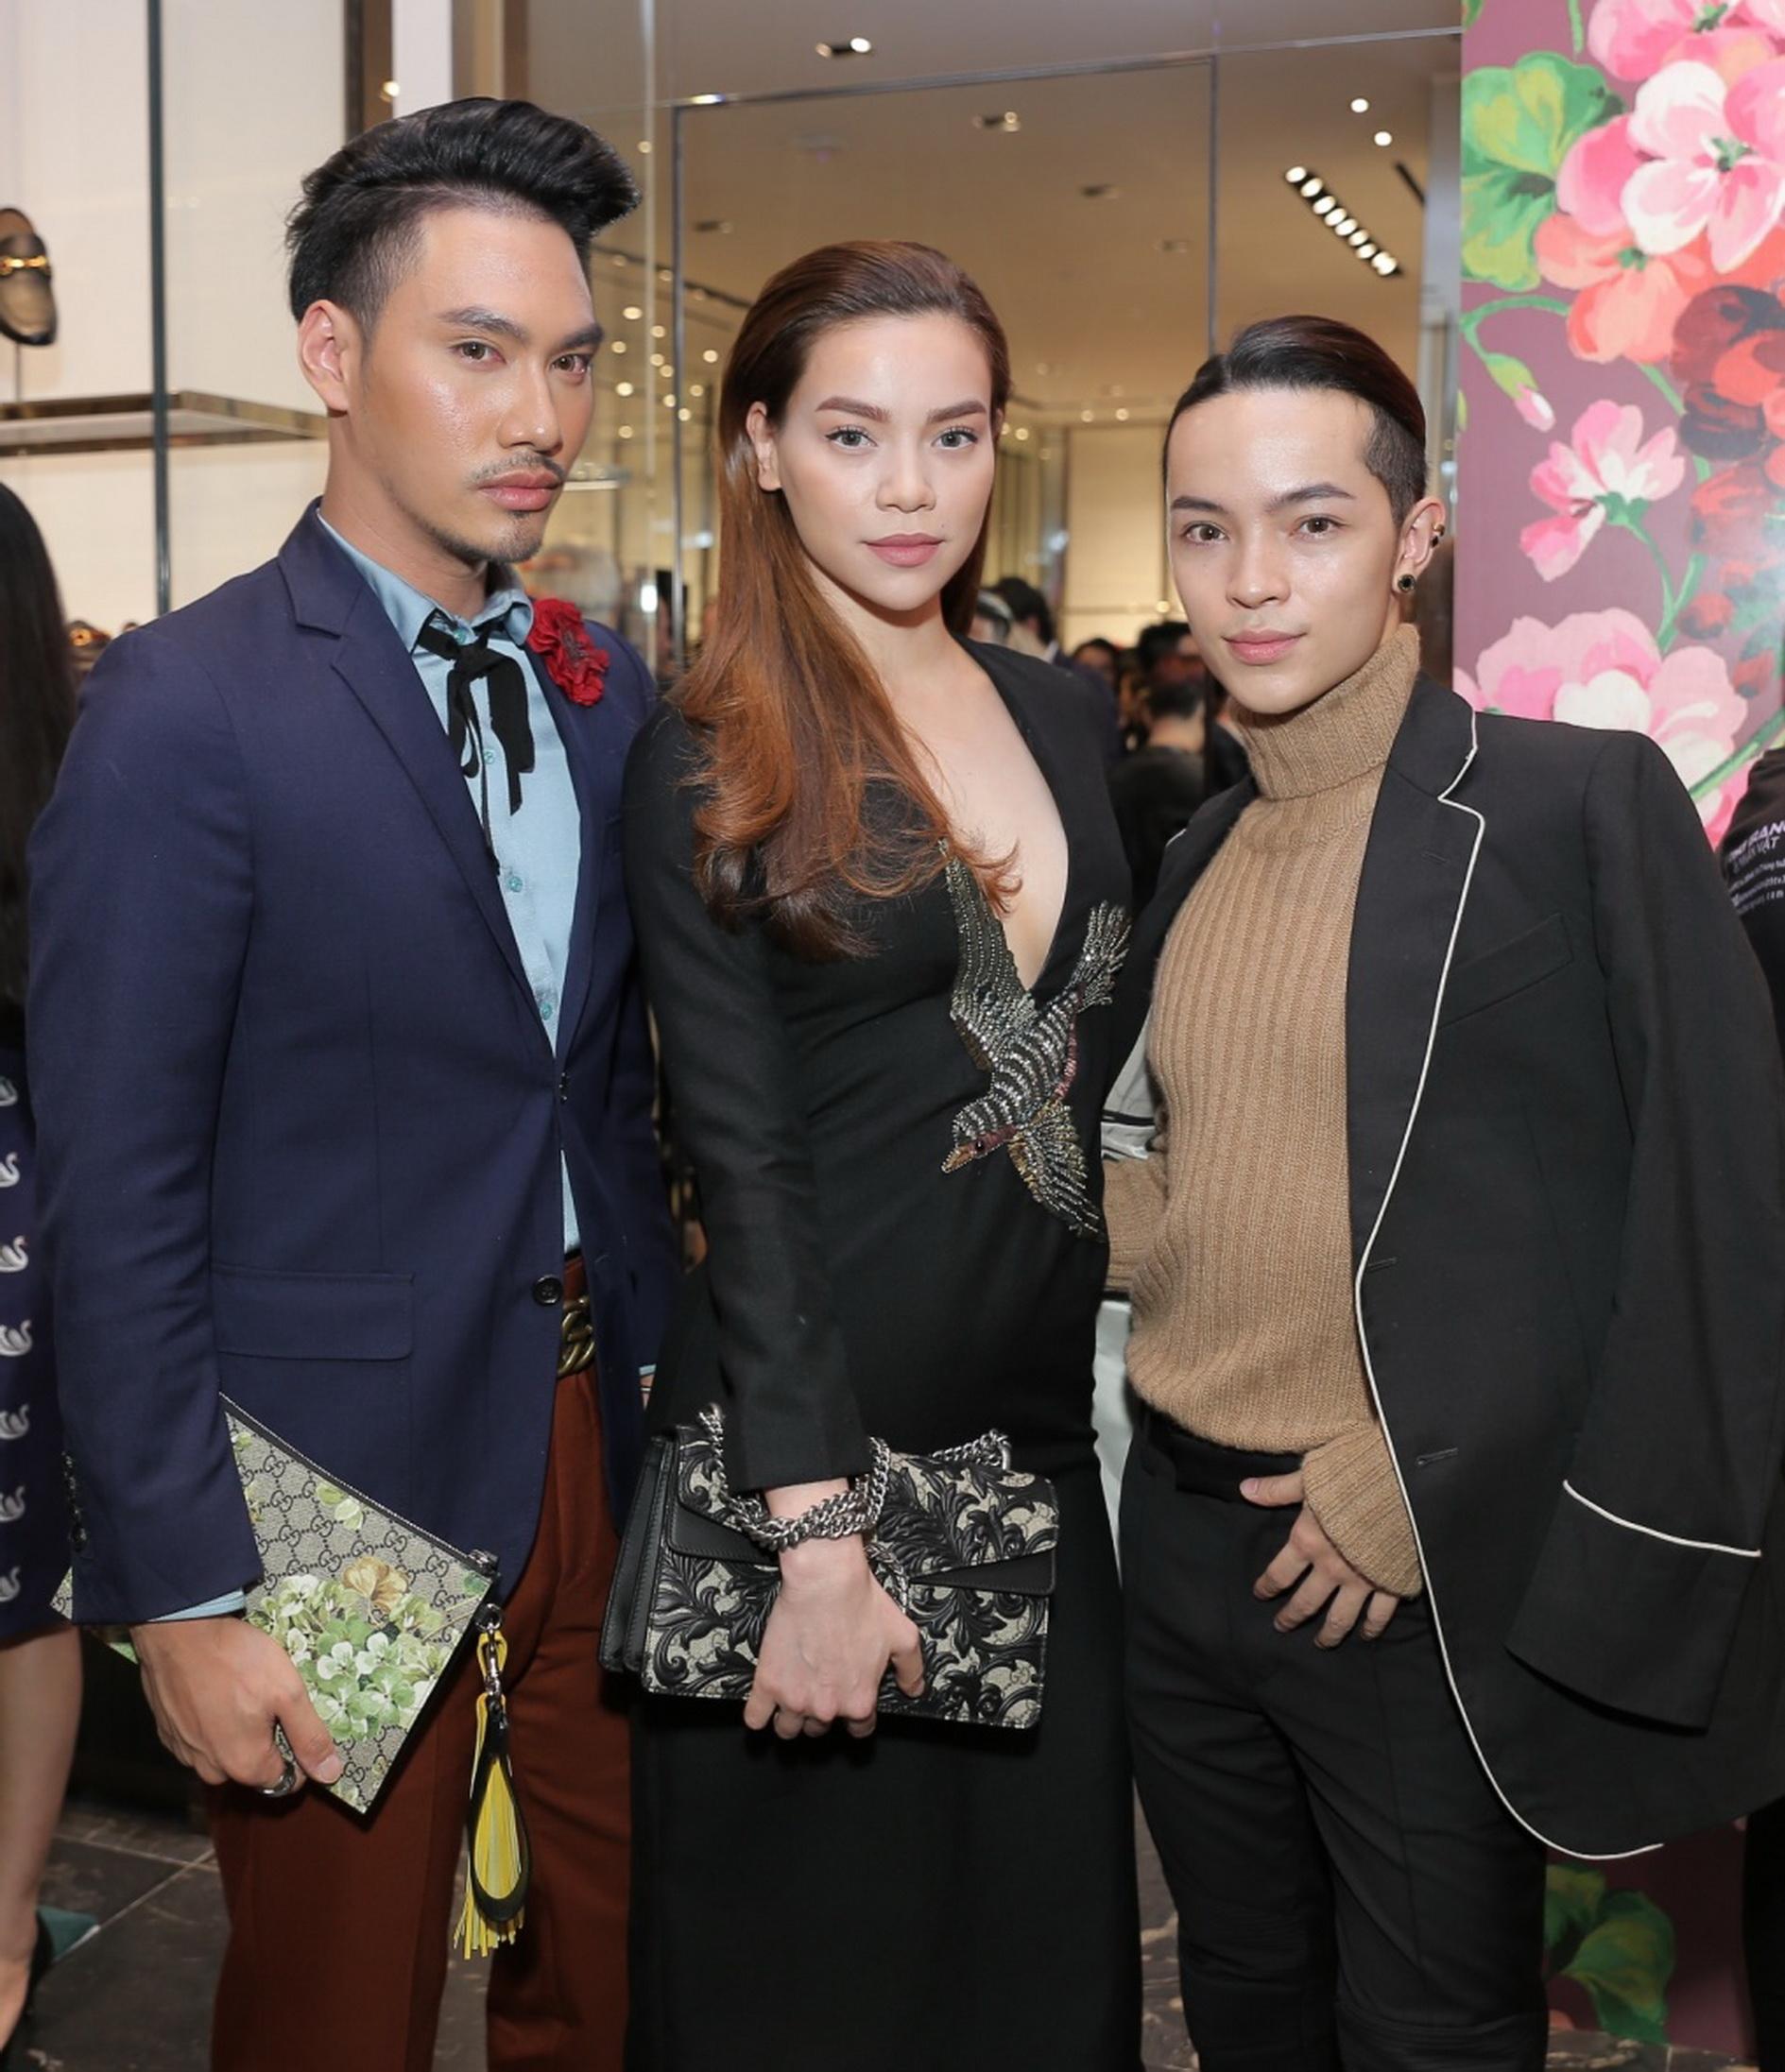 Hồ Ngọc Hà, Lý Quý Khánh và Keibin Lei cùng có mặt tại sự kiện ra mắt 2 bộ sưu tập của Gucci